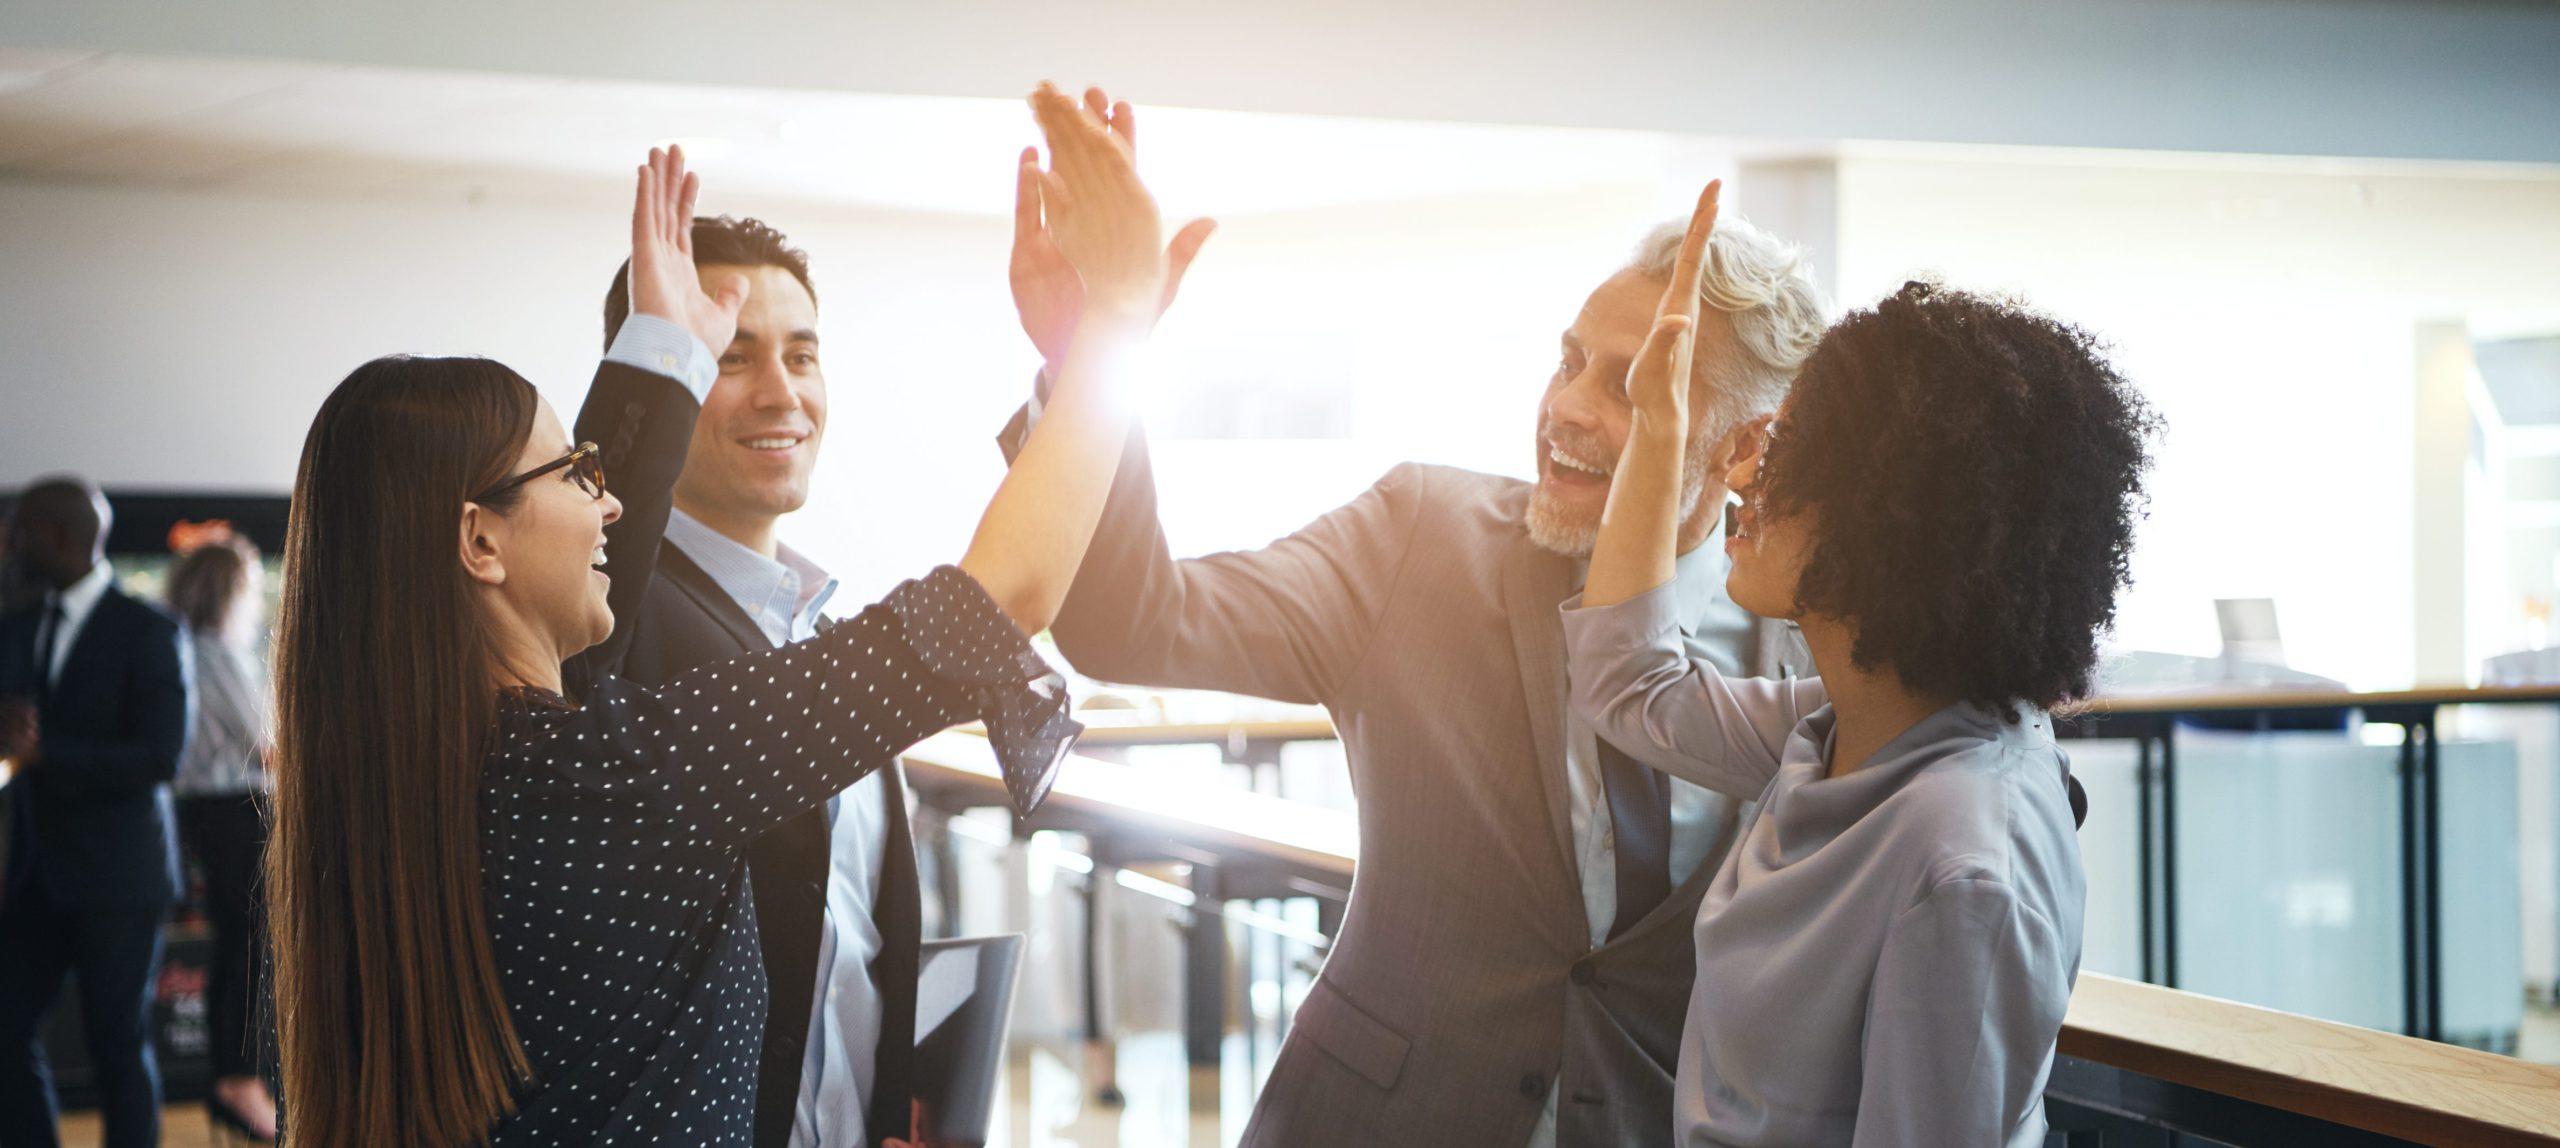 Lächelnde Kollegen geben sich hi five, um sich für Ihren Erfolg zu beglückwünschen.